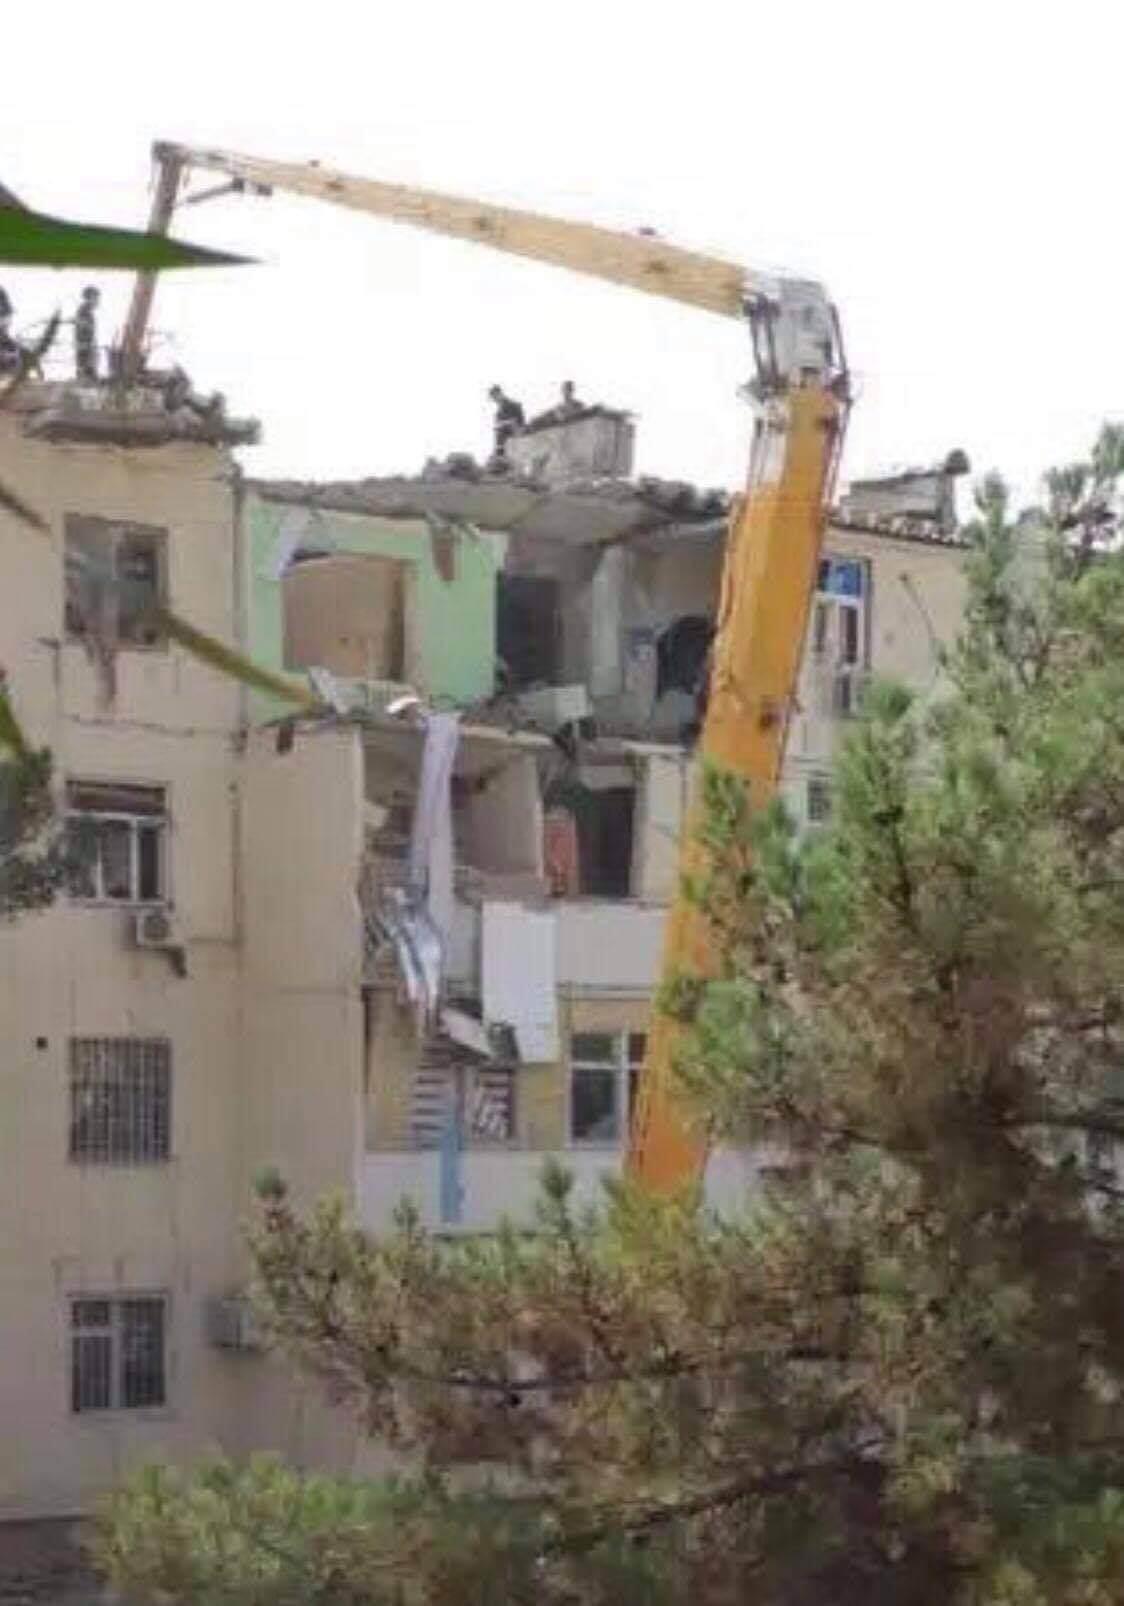 В Ашхабаде в результате взрыва бытового газа частично обрушился подъезд жилого дома. Есть жертвы